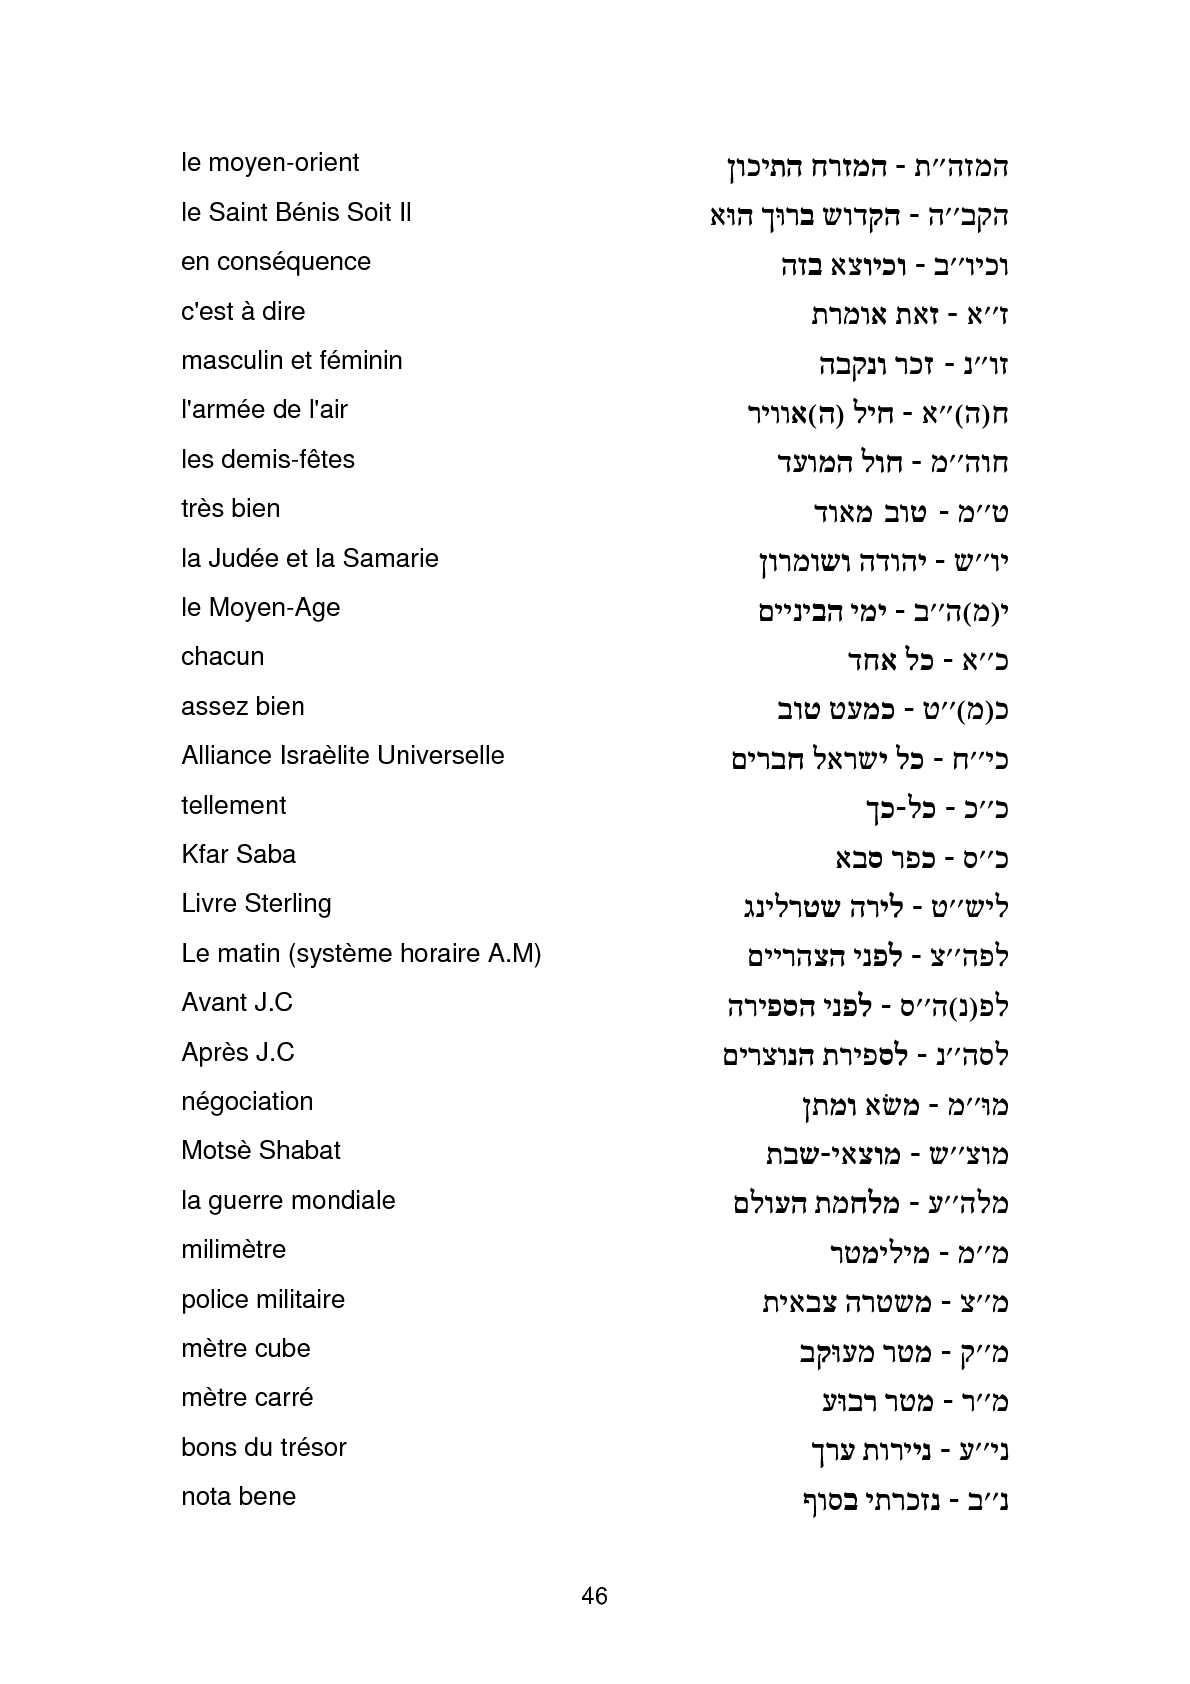 Grammaire Hebreu Calameo Downloader